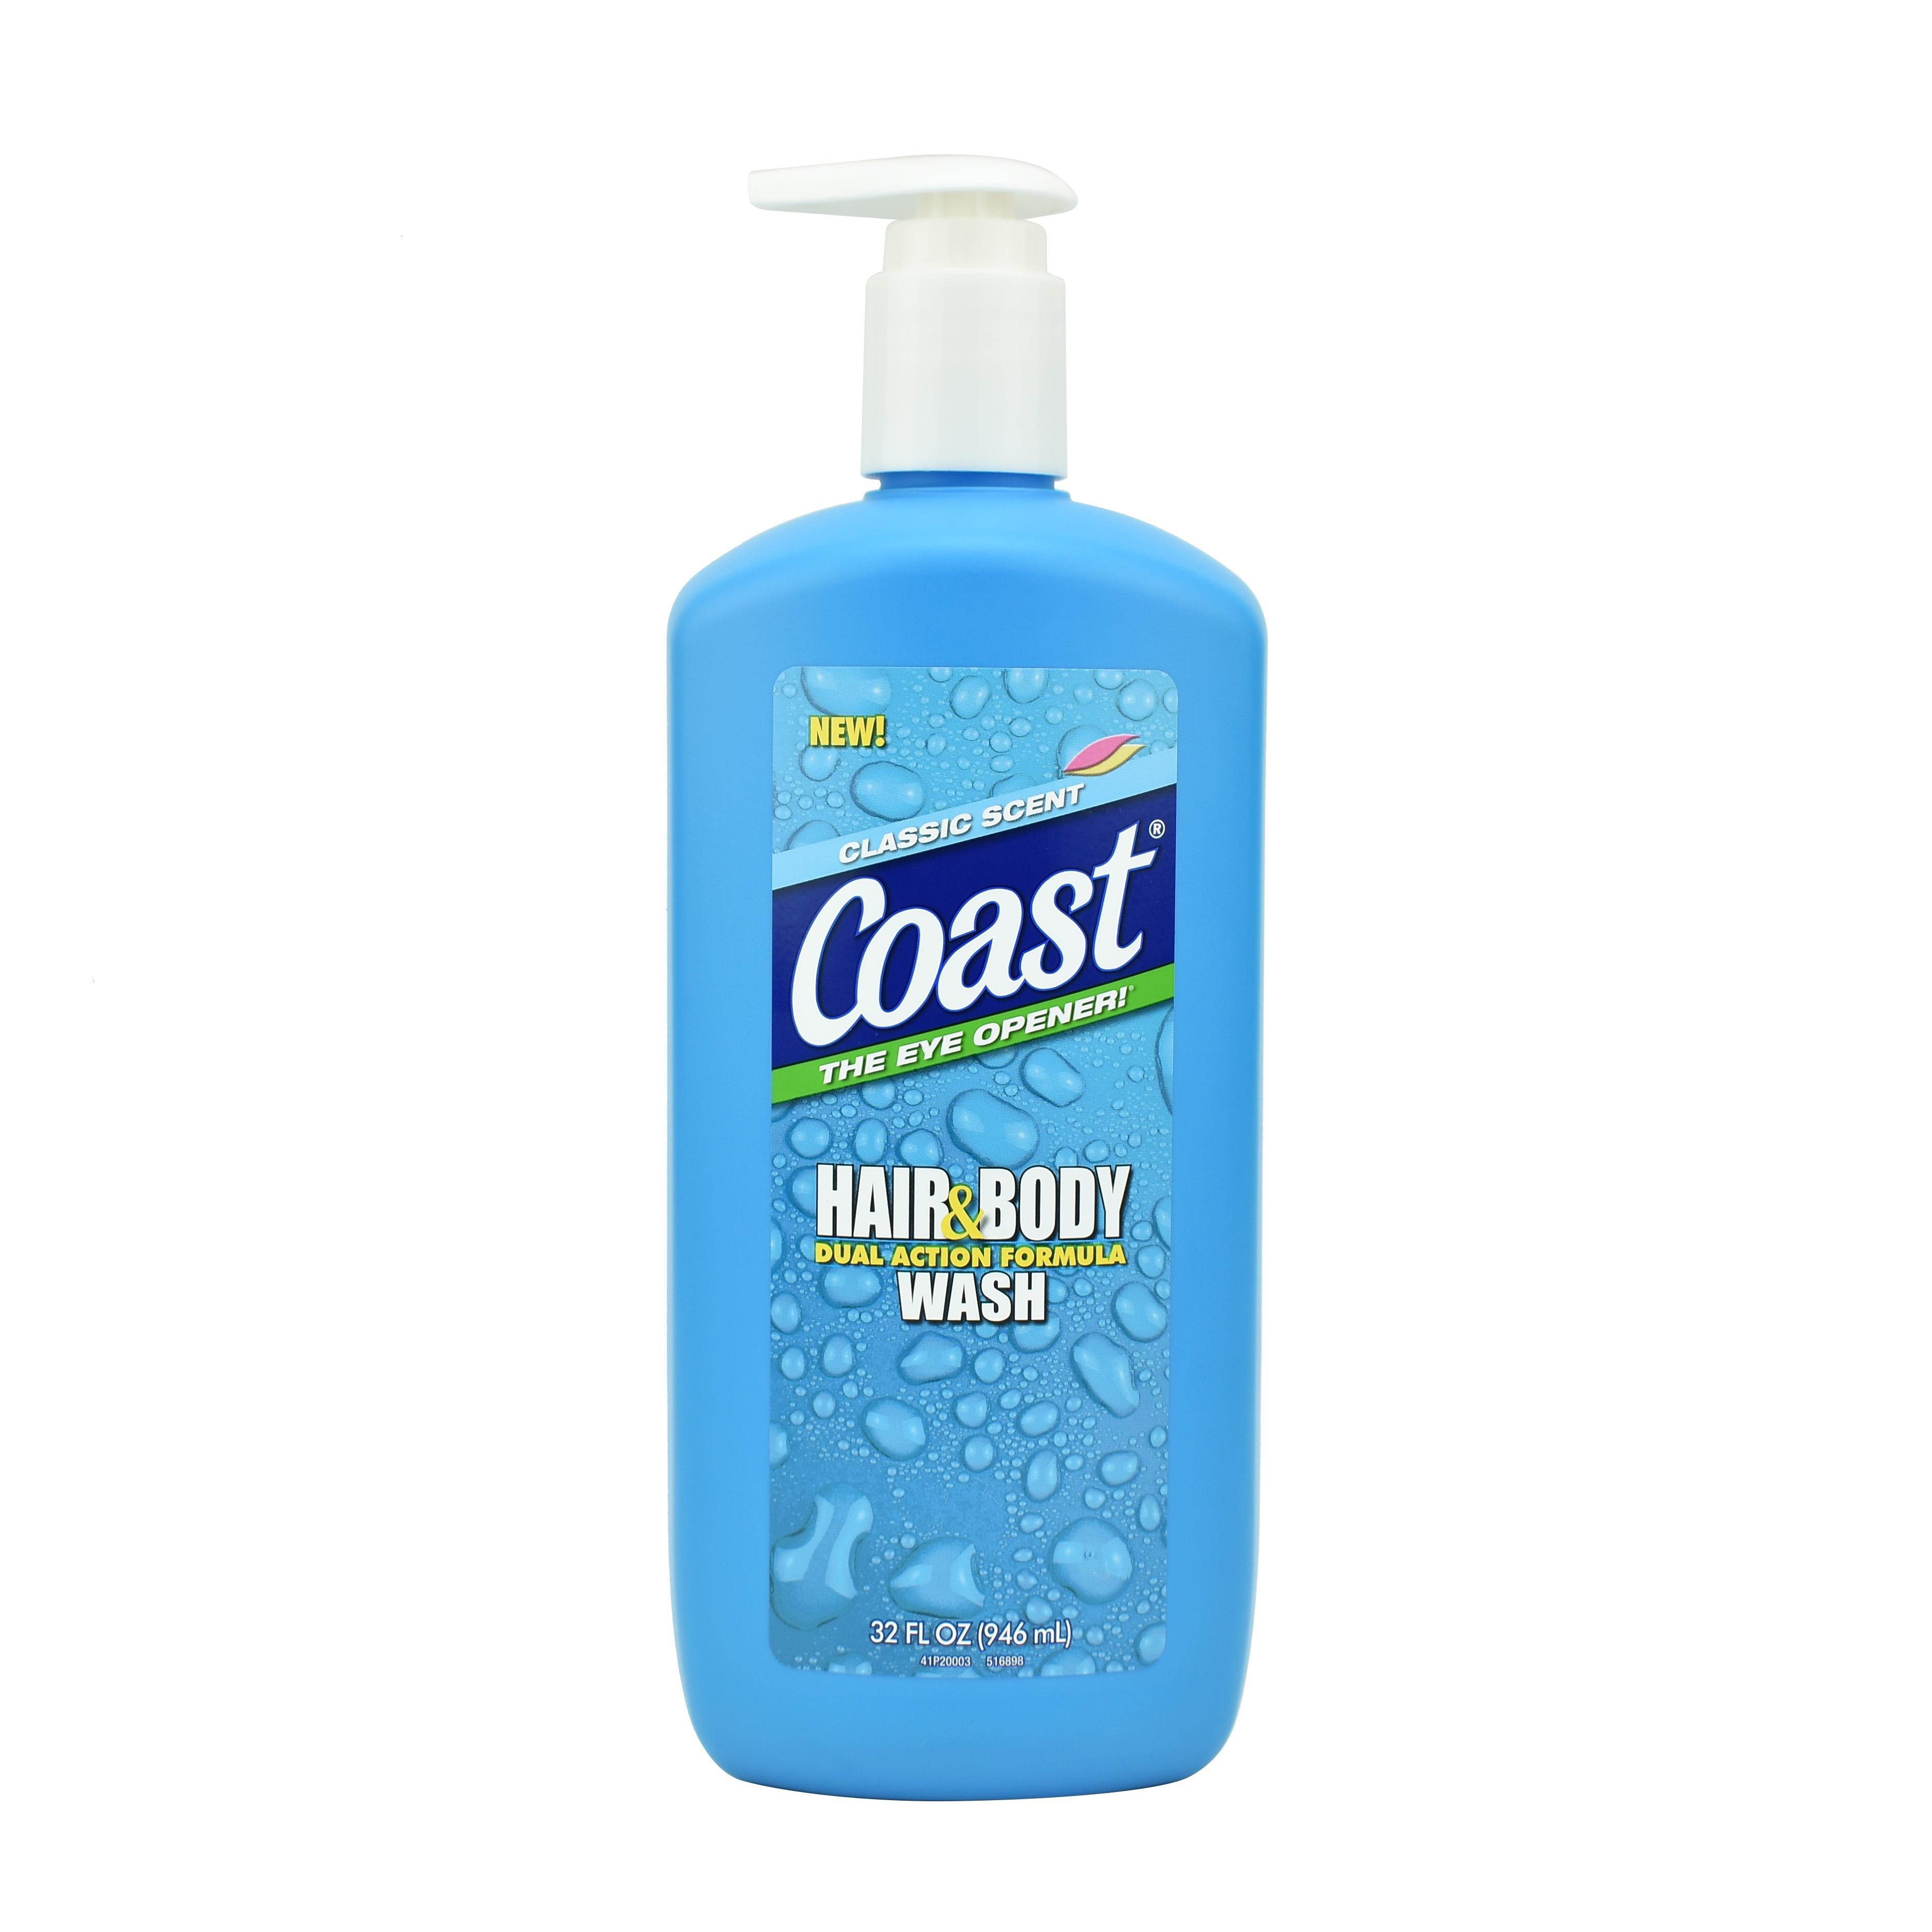 SỮA TẮM GỘI COAST HAIR AND BODY WASH MỸ -946ml nhập khẩu